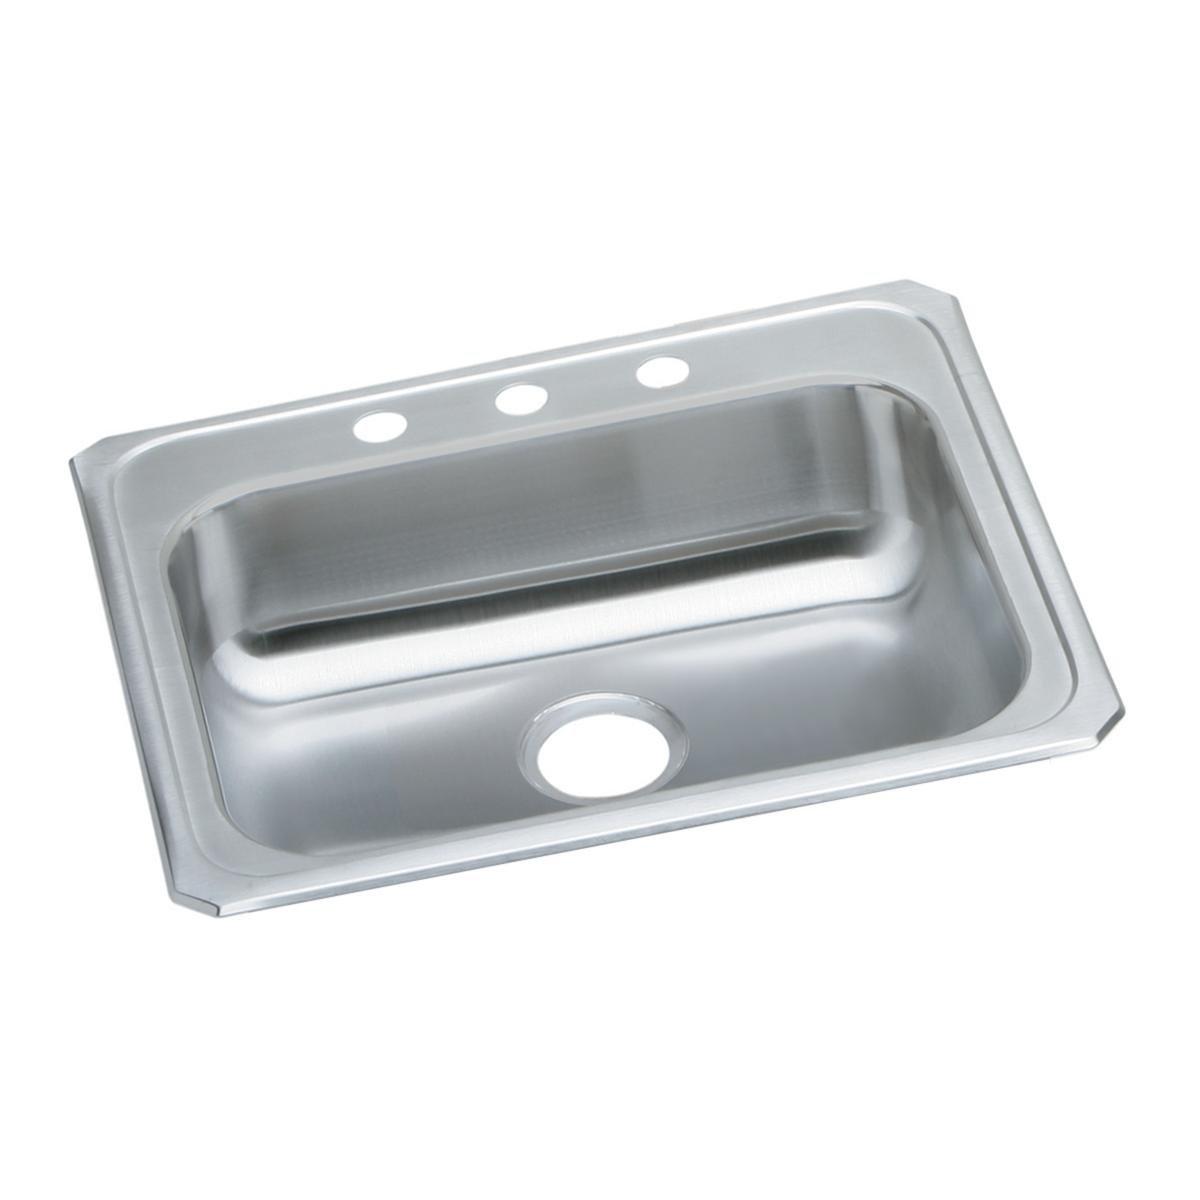 Elkay Celebrity GECR2521R3 Single Bowl Top Mount Stainless Steel Sink